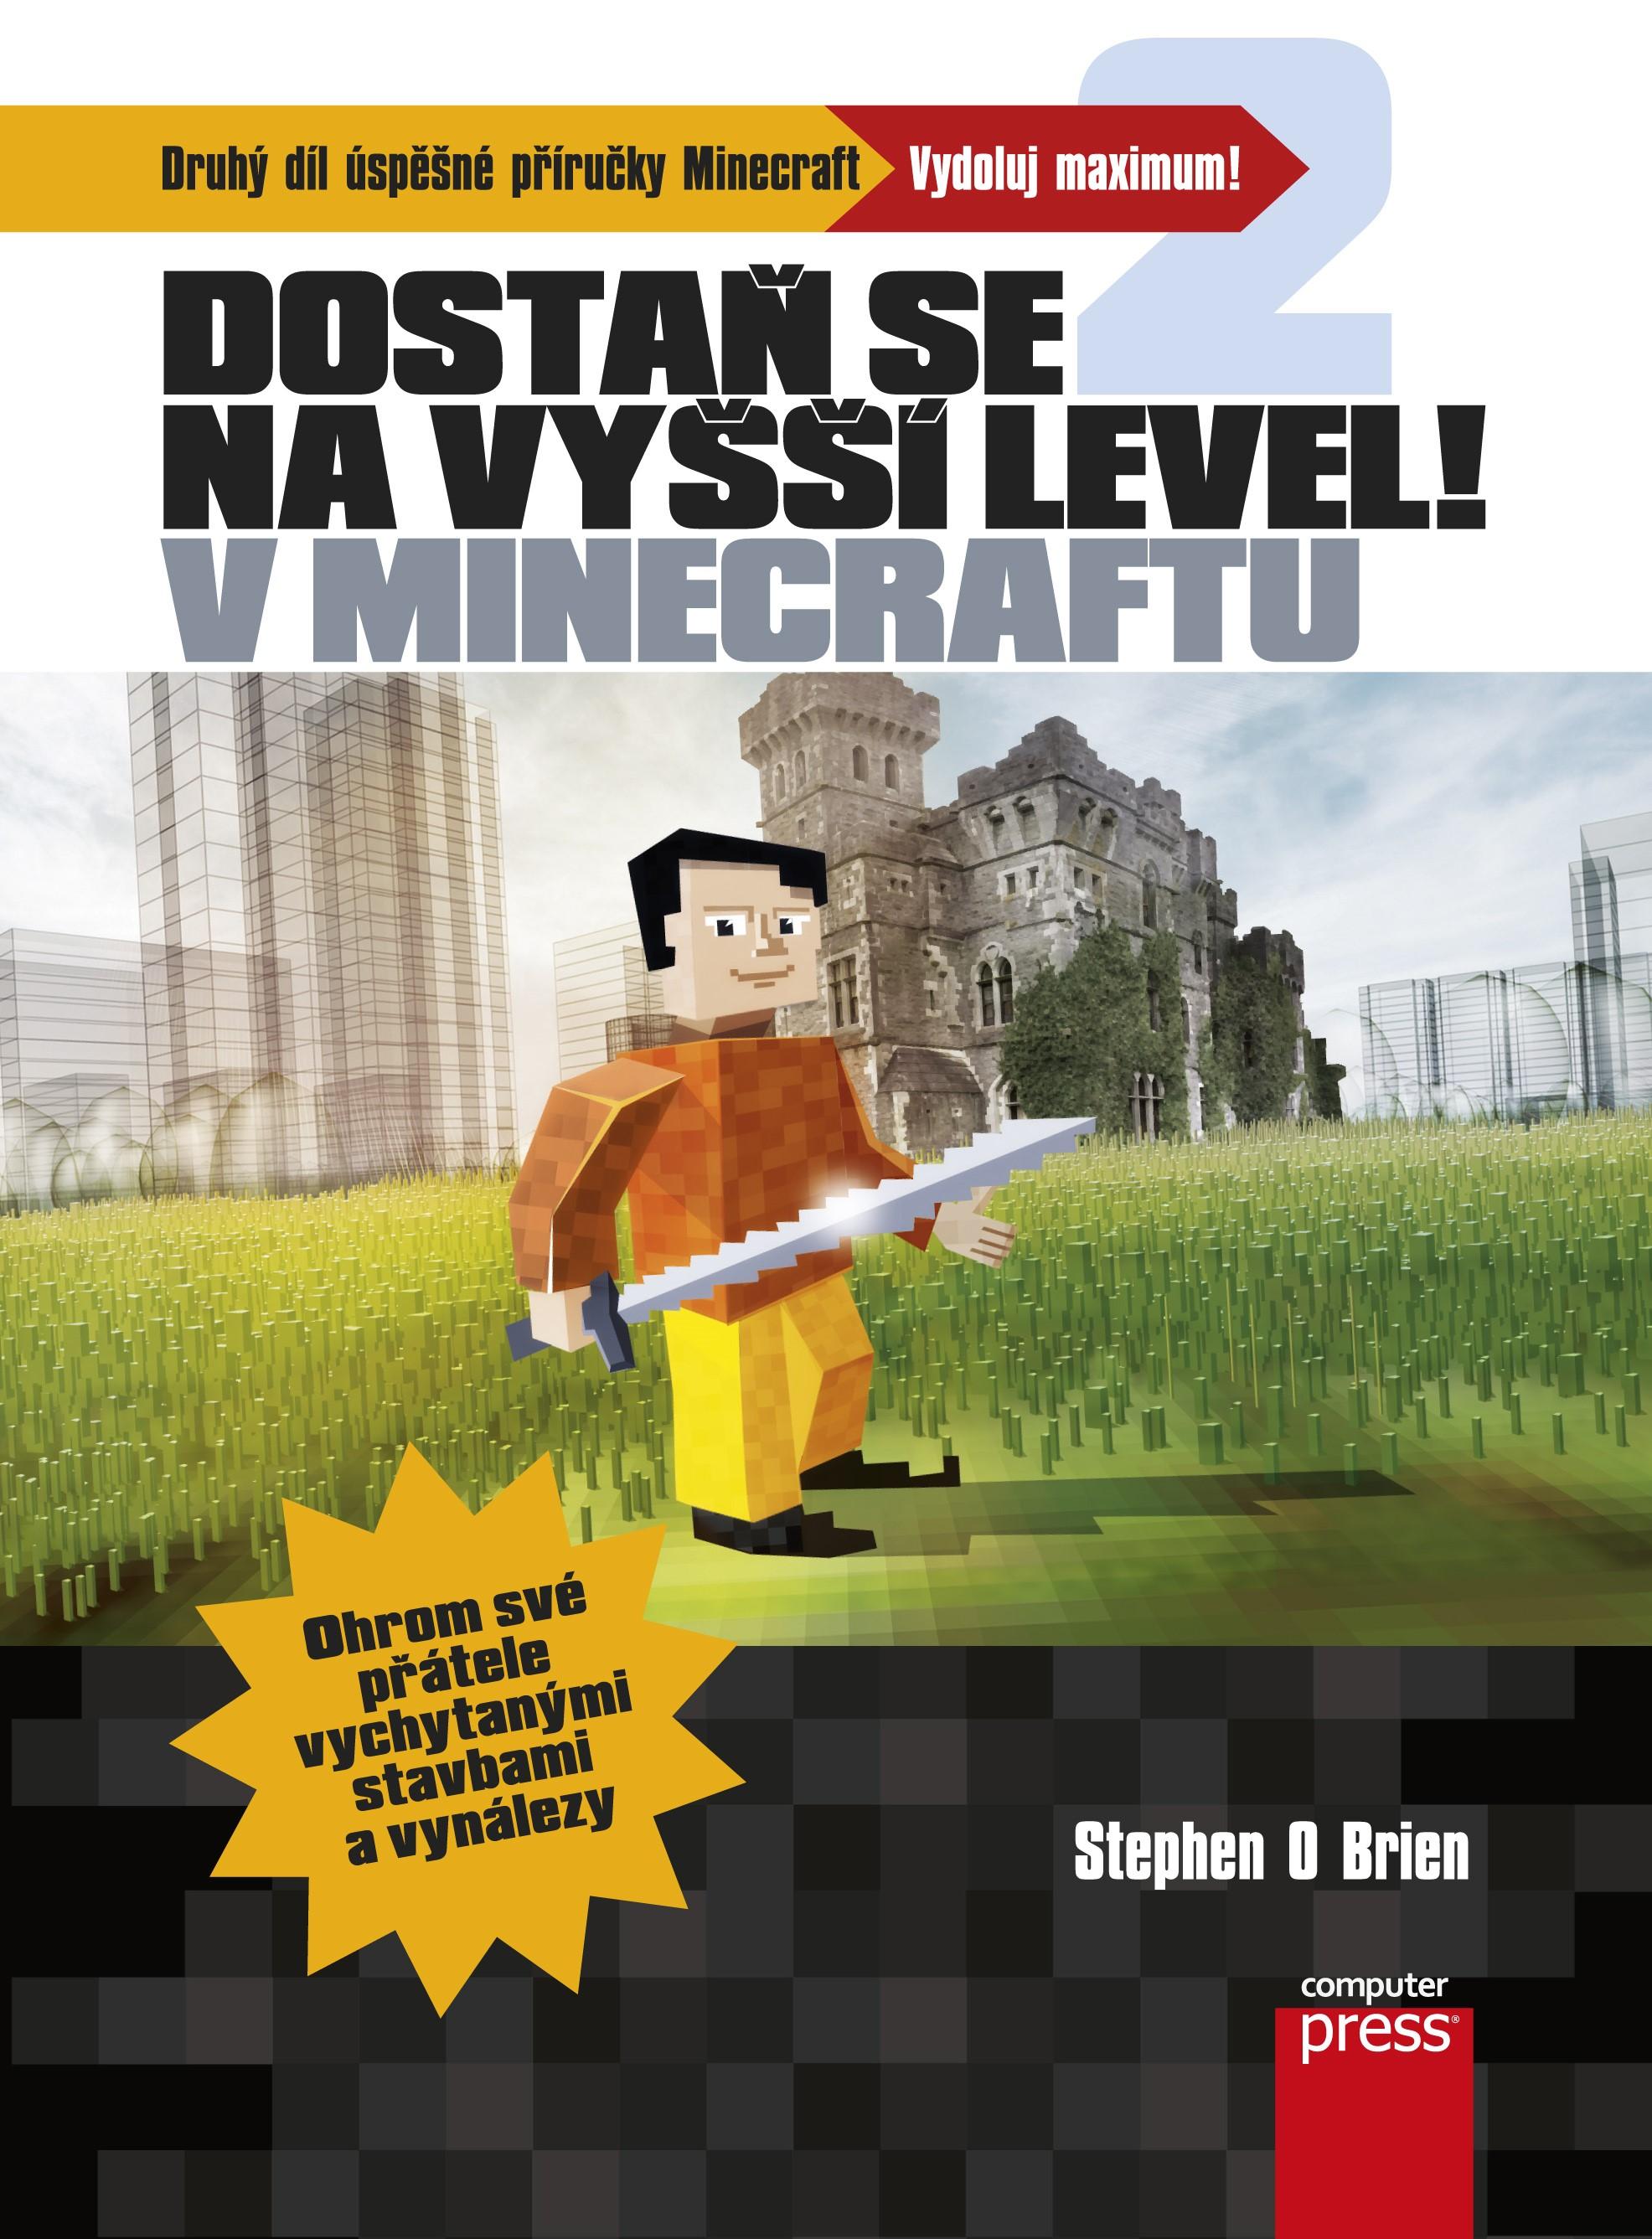 Dostaň se na vyšší level v Minecraftu | Stephen O'Brien